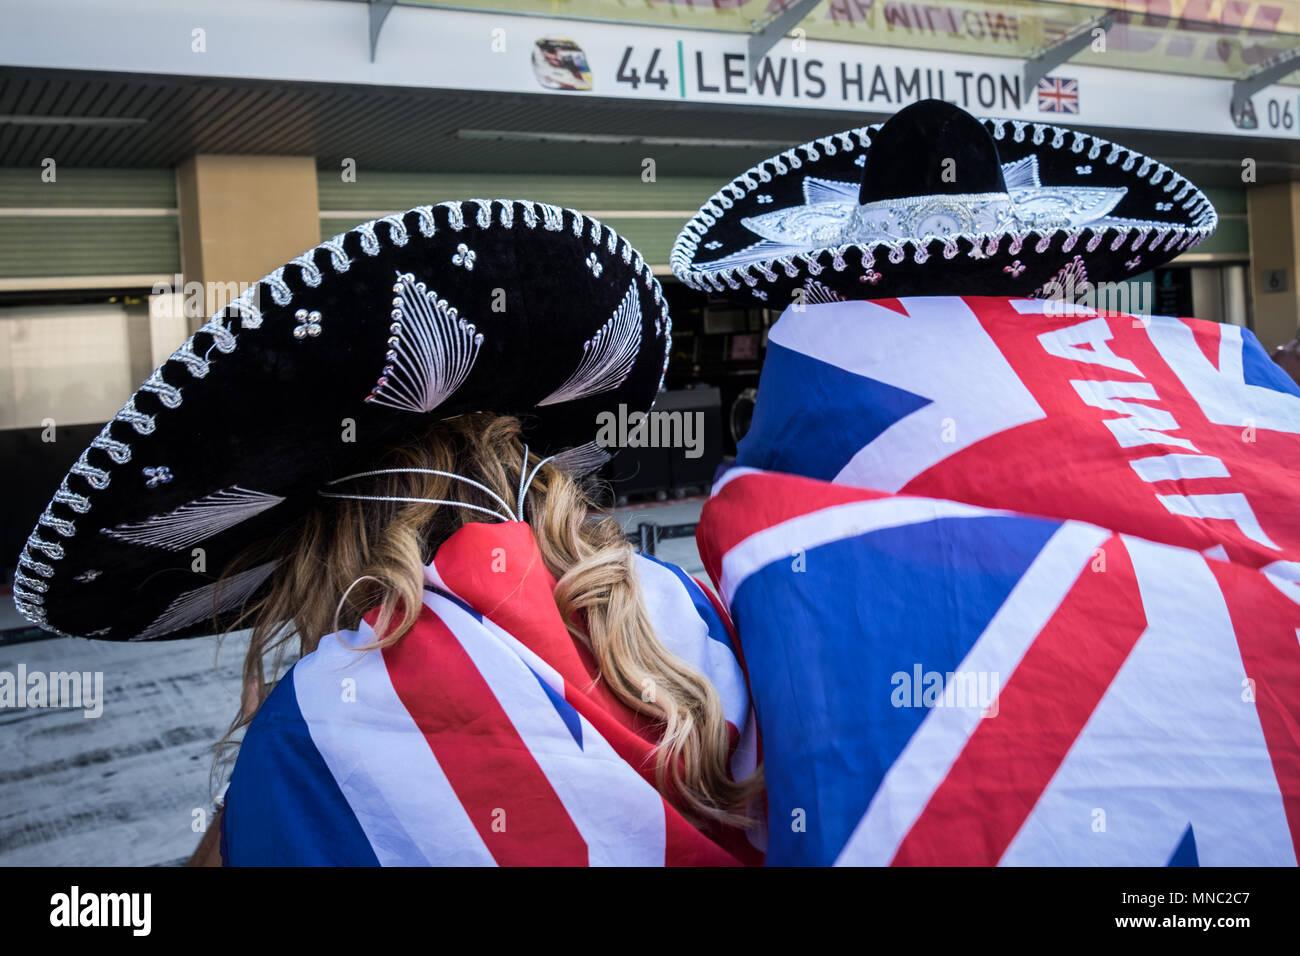 Lewis Hamilton Flag Stock Photos Amp Lewis Hamilton Flag